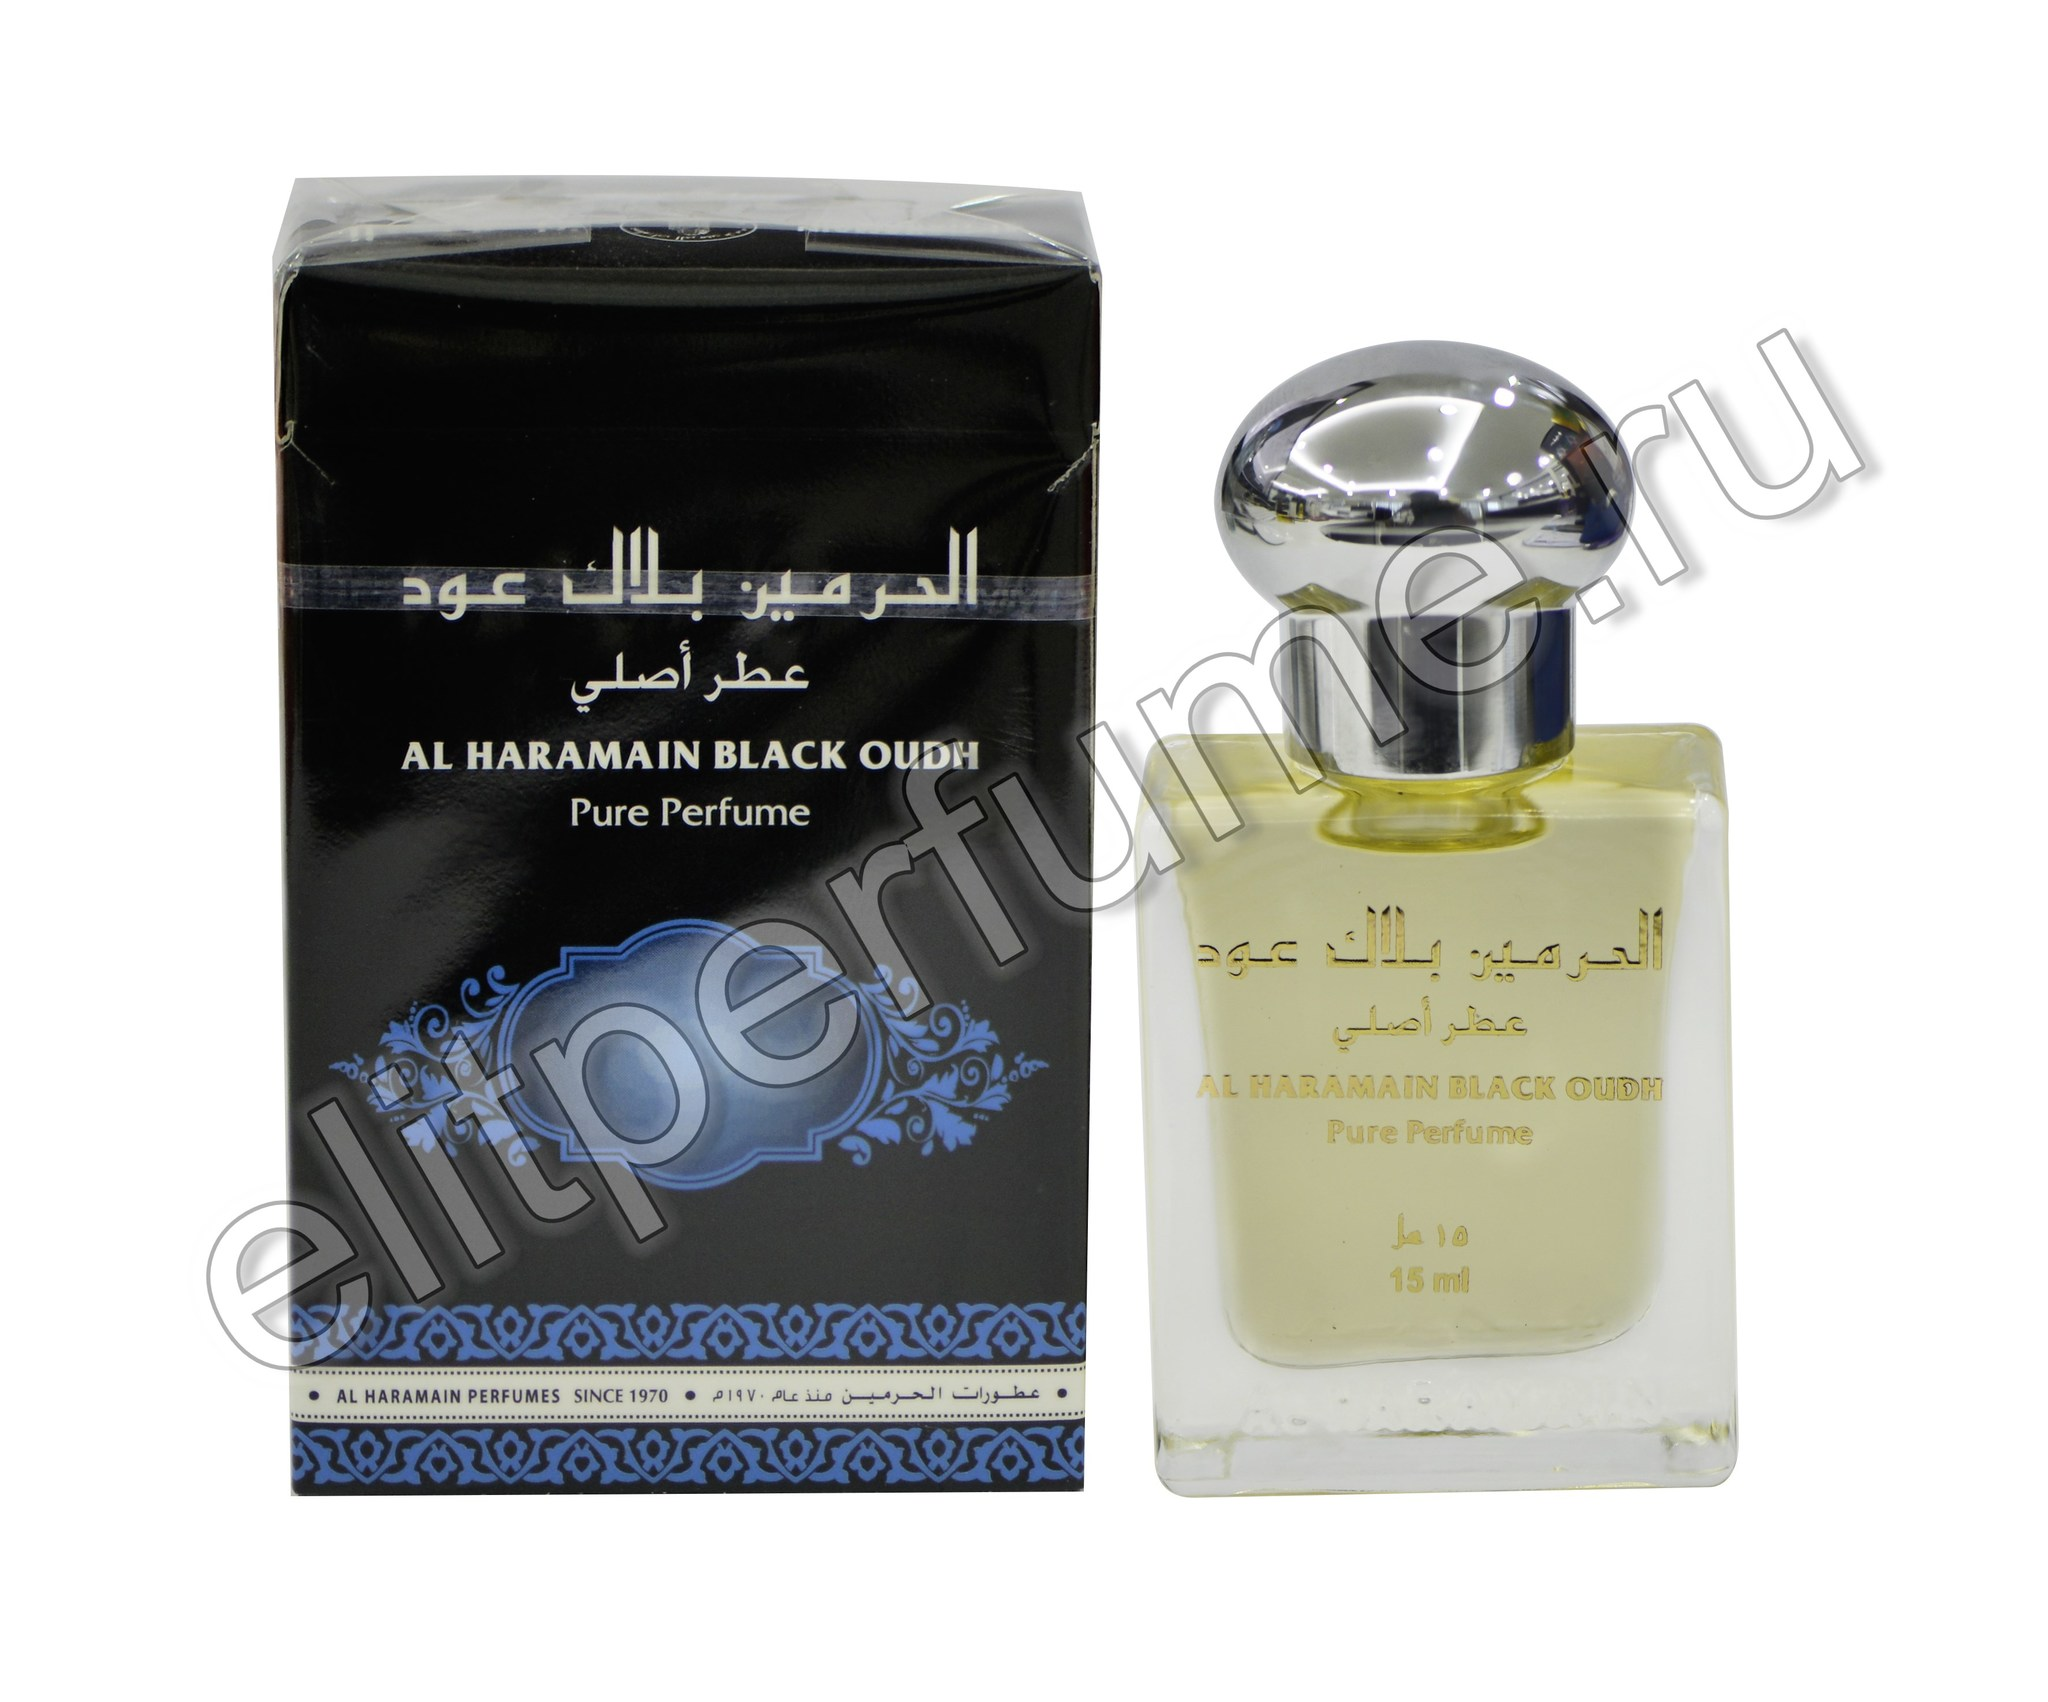 Al Haramain Black Oudh / Аль Харамайн Черный уд 15 мл арабские масляные духи от Аль Харамайн Al Haramain Perfumes